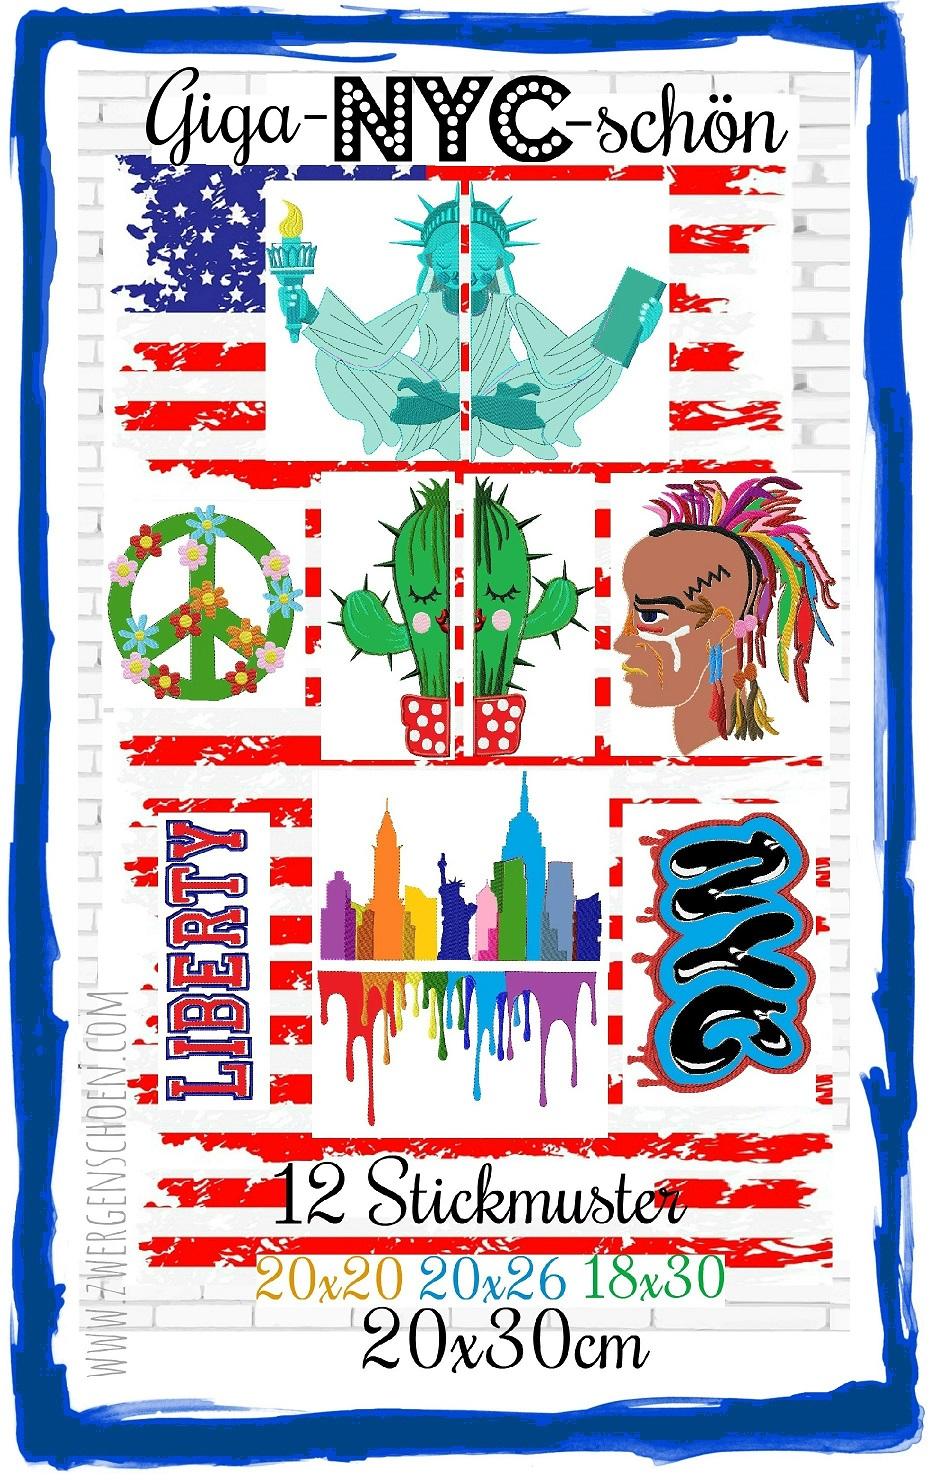 ♥Giga-NYC-schön♥ Stickmuster NEW YORK Gigahoop USA 20x20 20x26 18x30 20x30cm